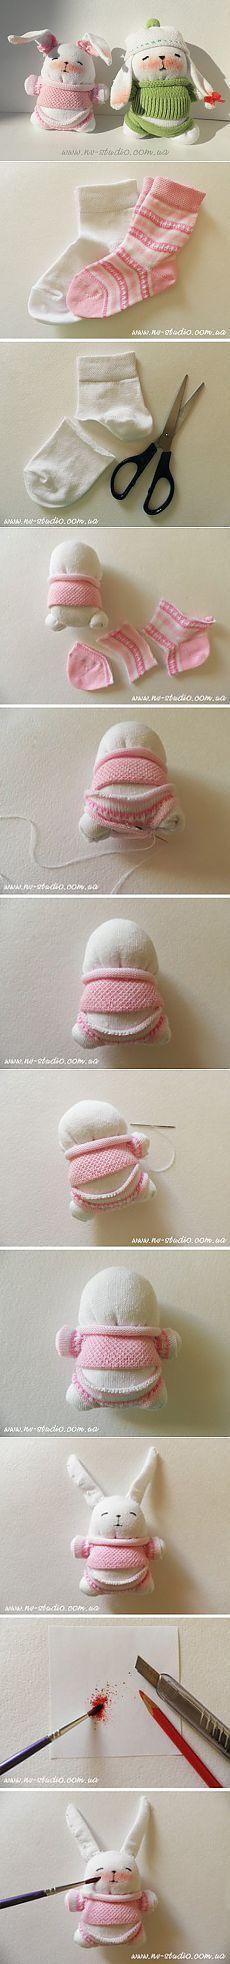 (+1) тема - Смешные игрушки из носков | СВОИМИ РУКАМИ